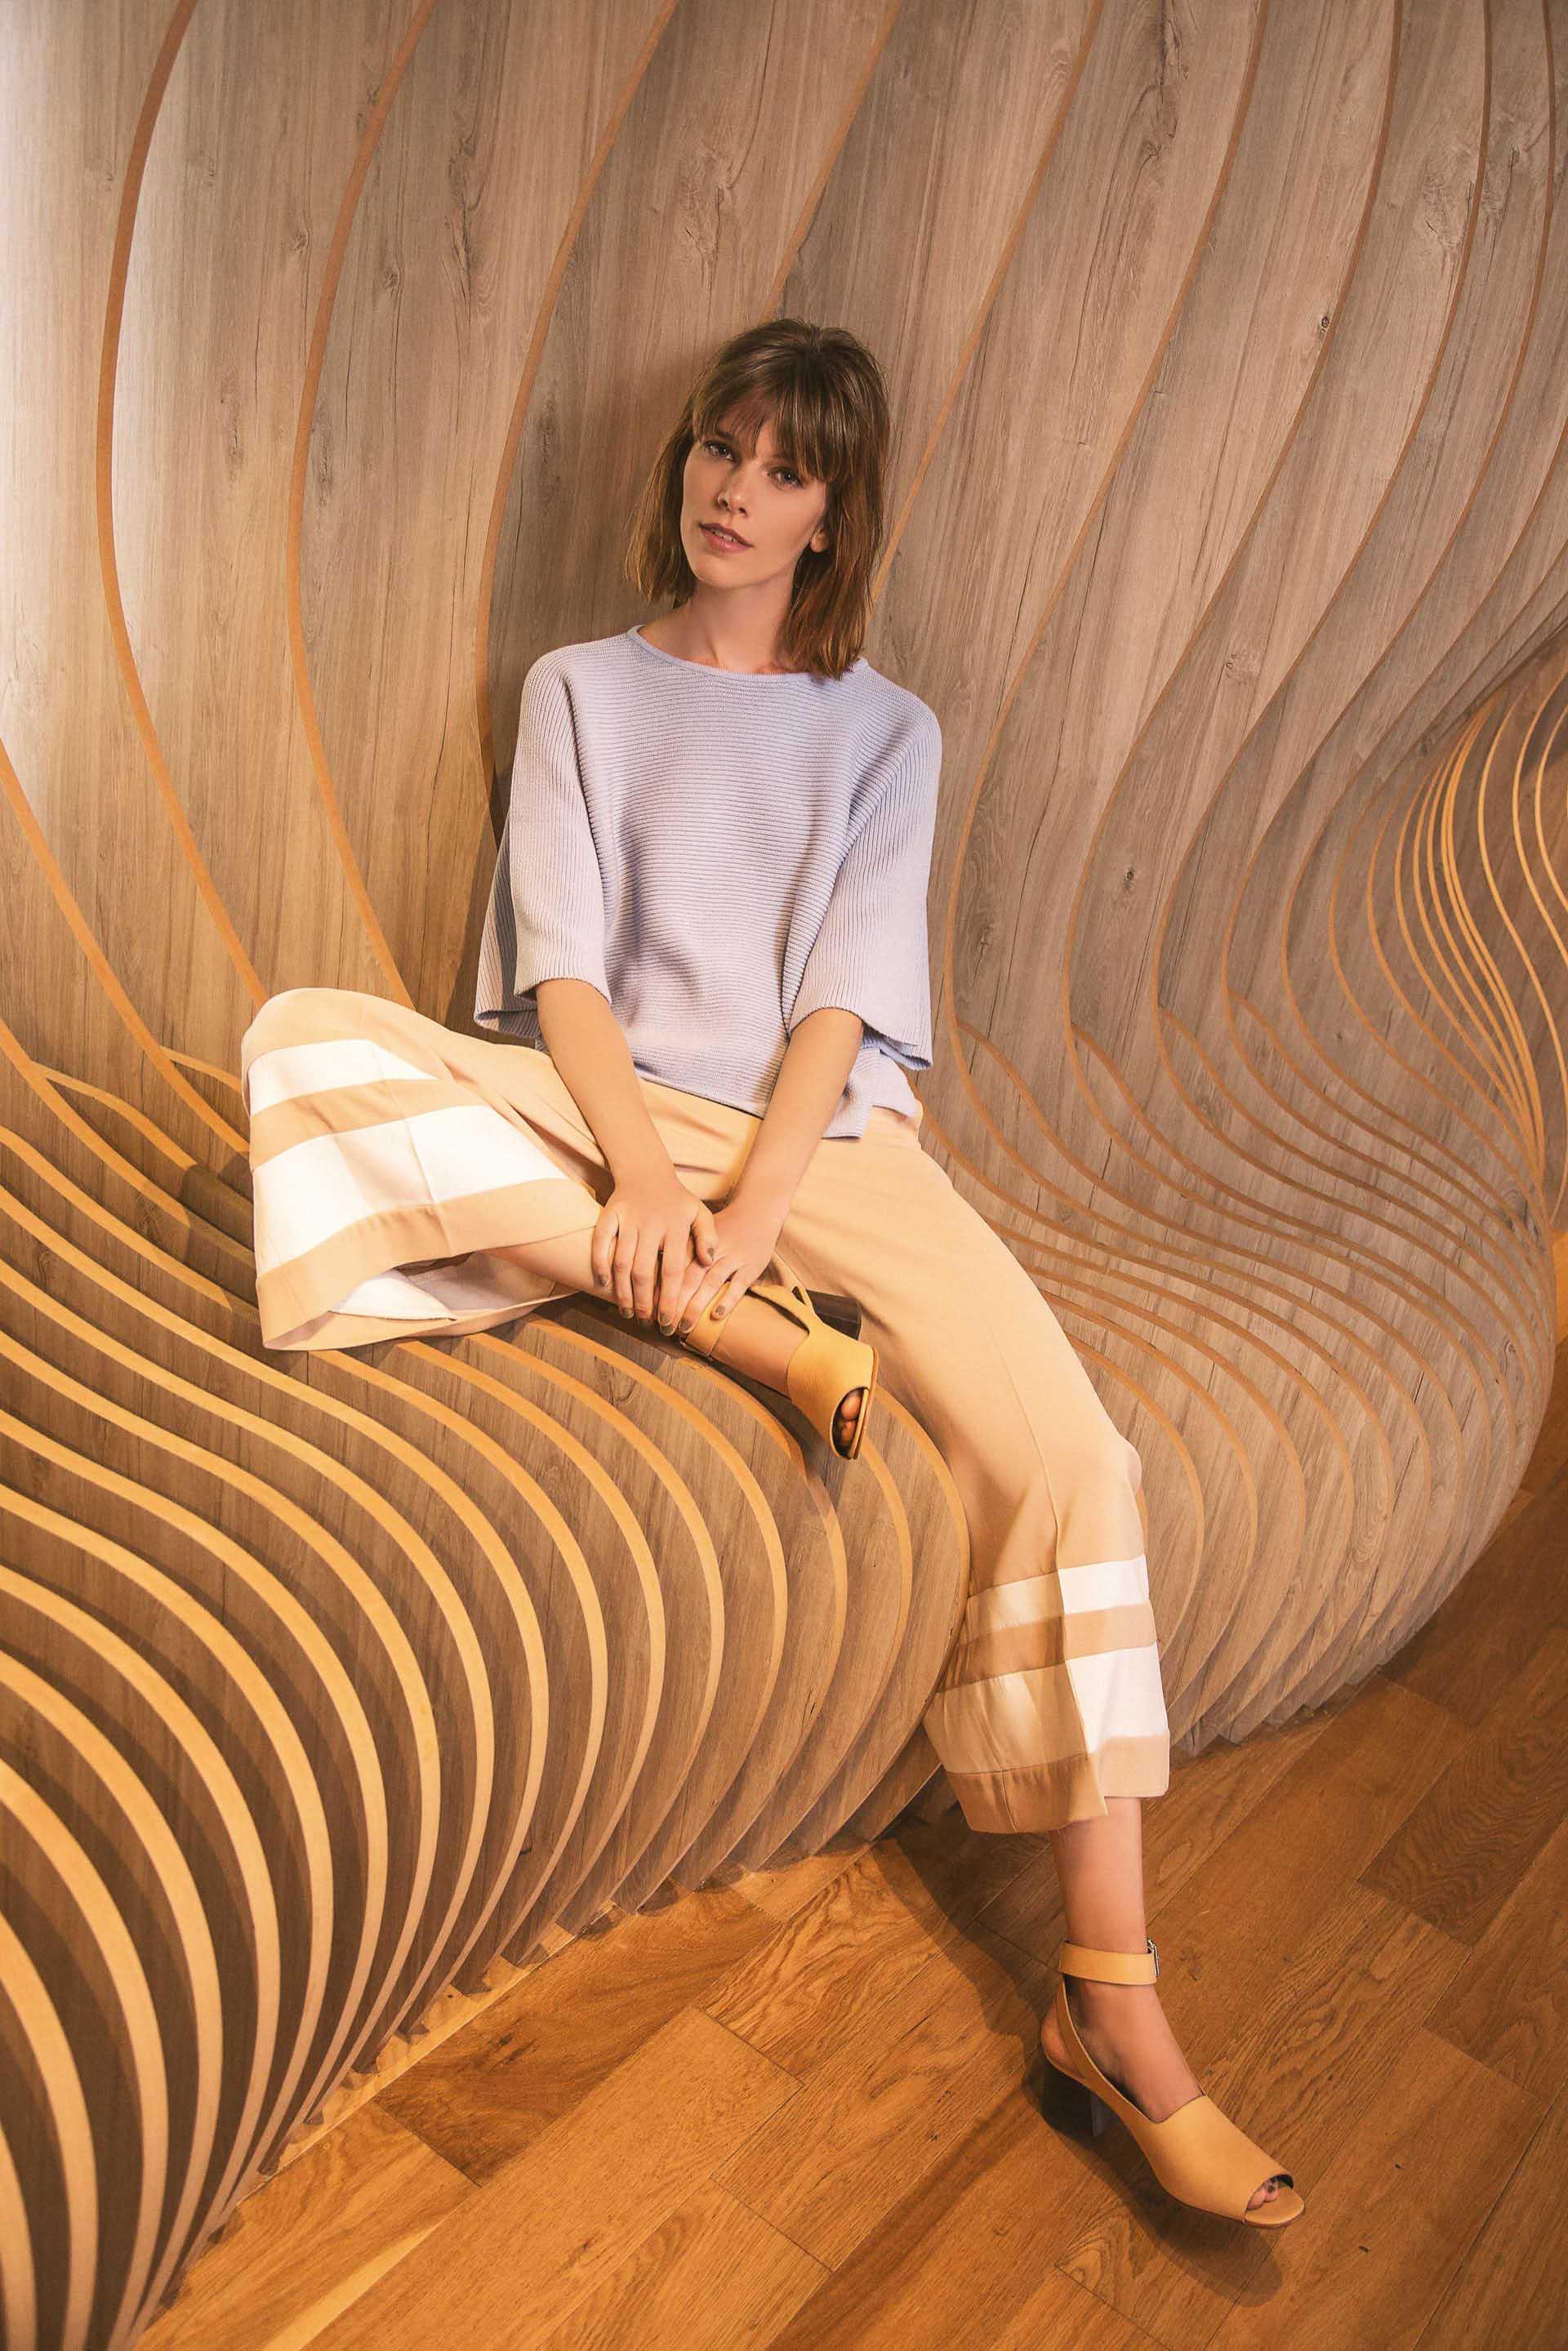 Suéter corto ($ 1.790, Las Pepas), pantacourt bicolor (Cher) y sandalias de cuero ($ 5.360, Mishka).Foto Chino Toccalino/Para Ti